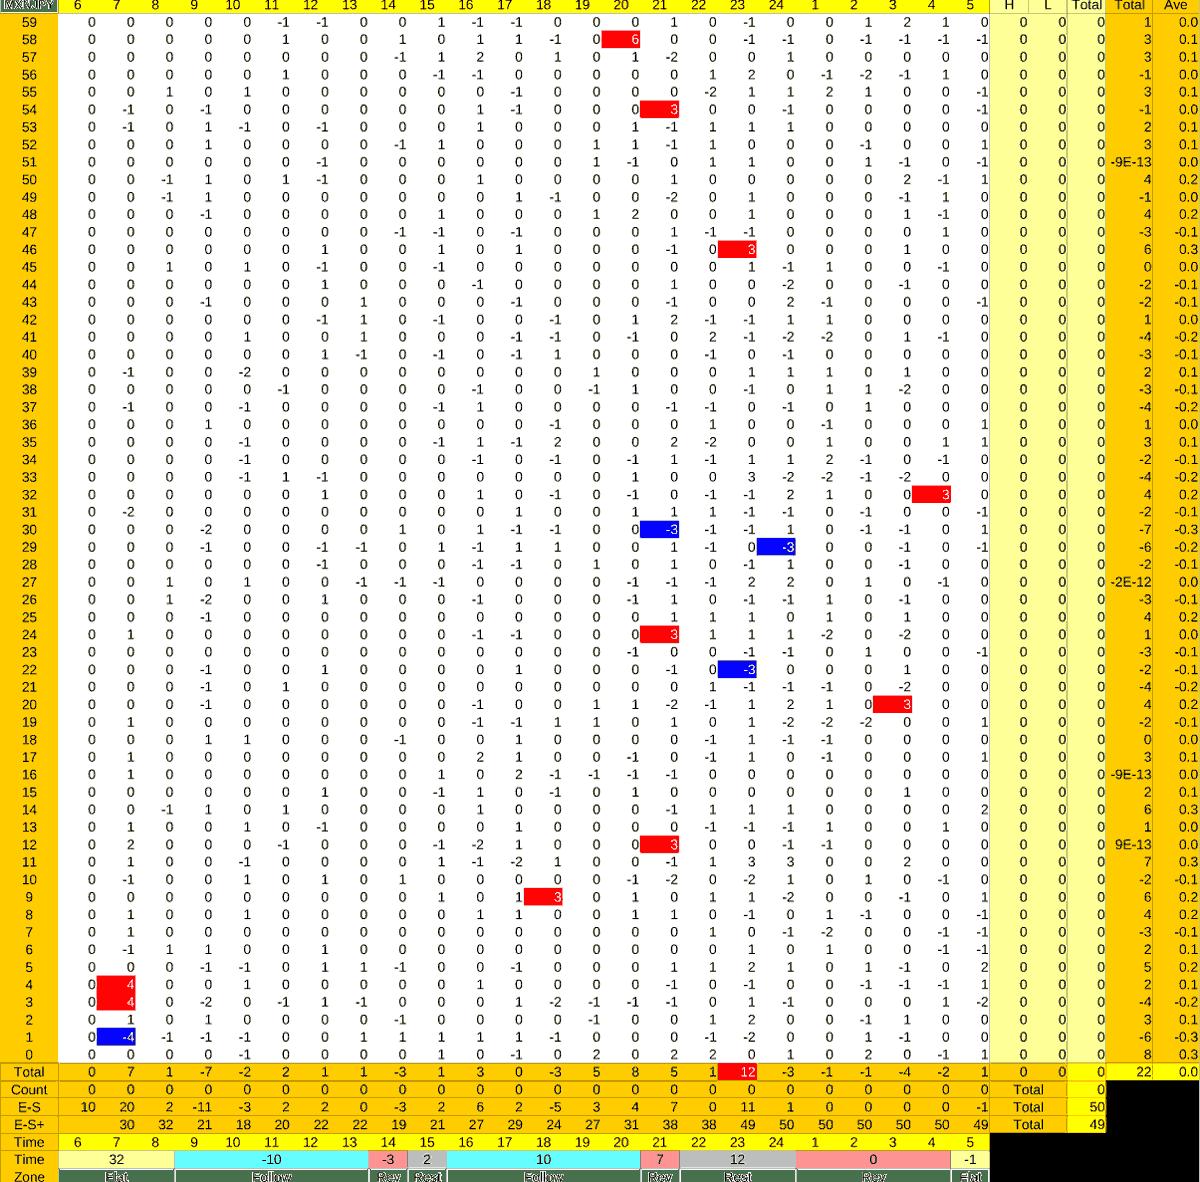 20210830_HS(3)MXNJPY-min